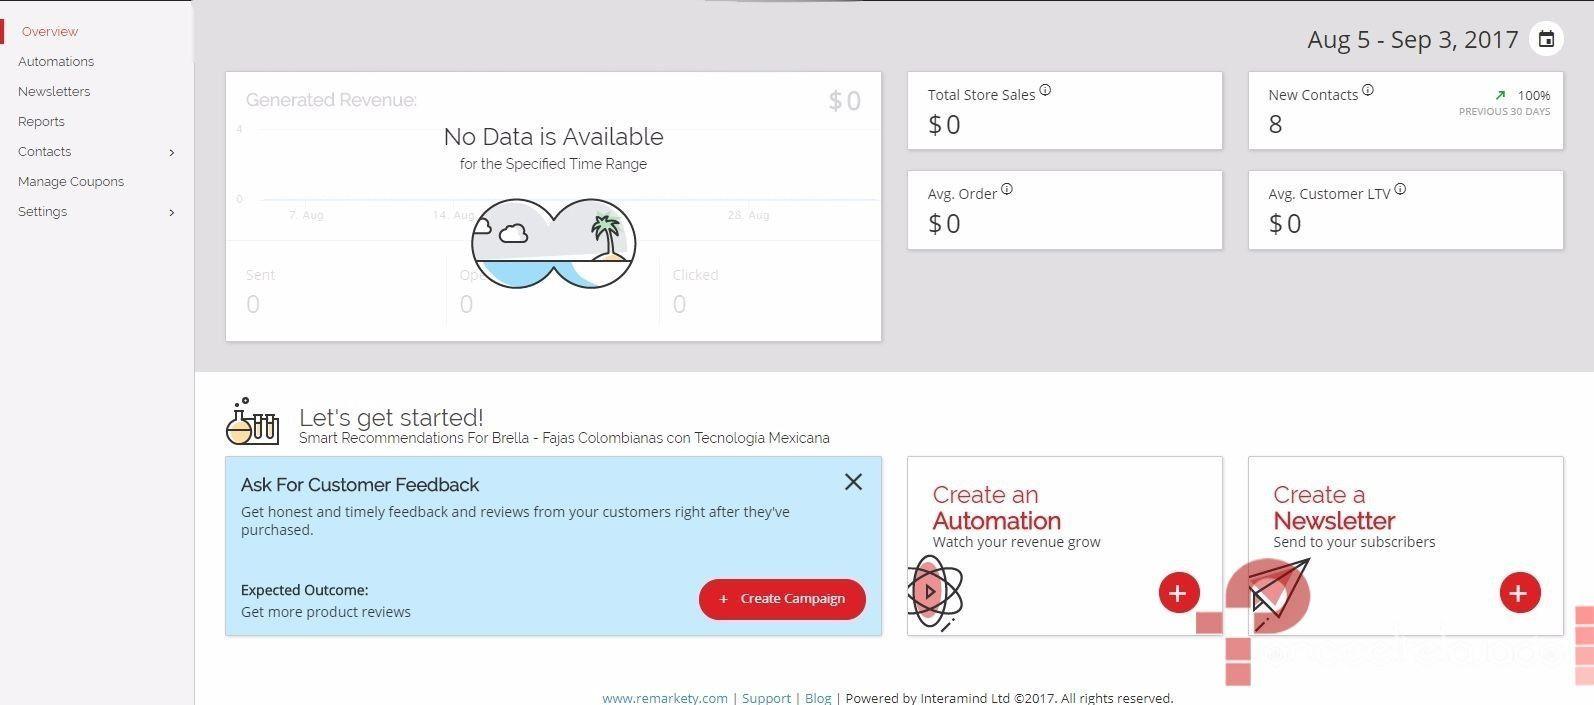 Aumentar las ventas con emails automáticos en woocommerce dashboard